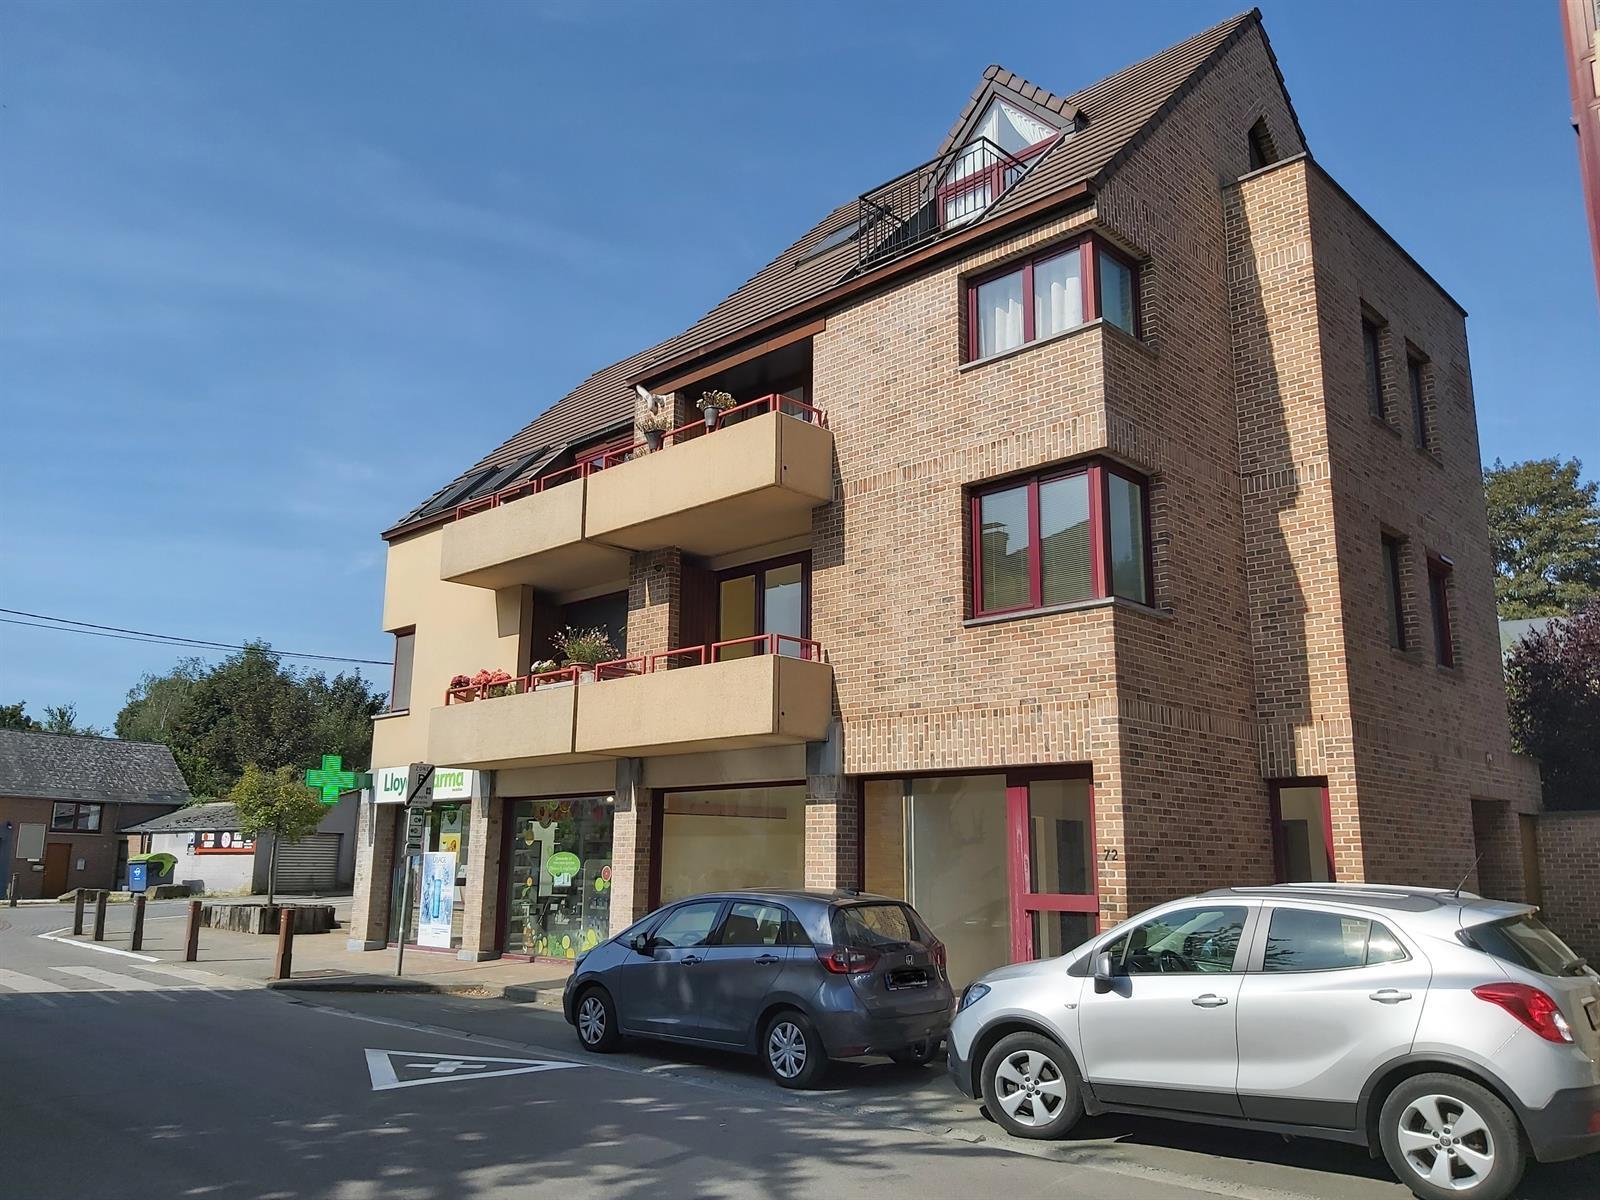 Appartement - Ottignies-Louvain-la-Neuve - #4498228-13